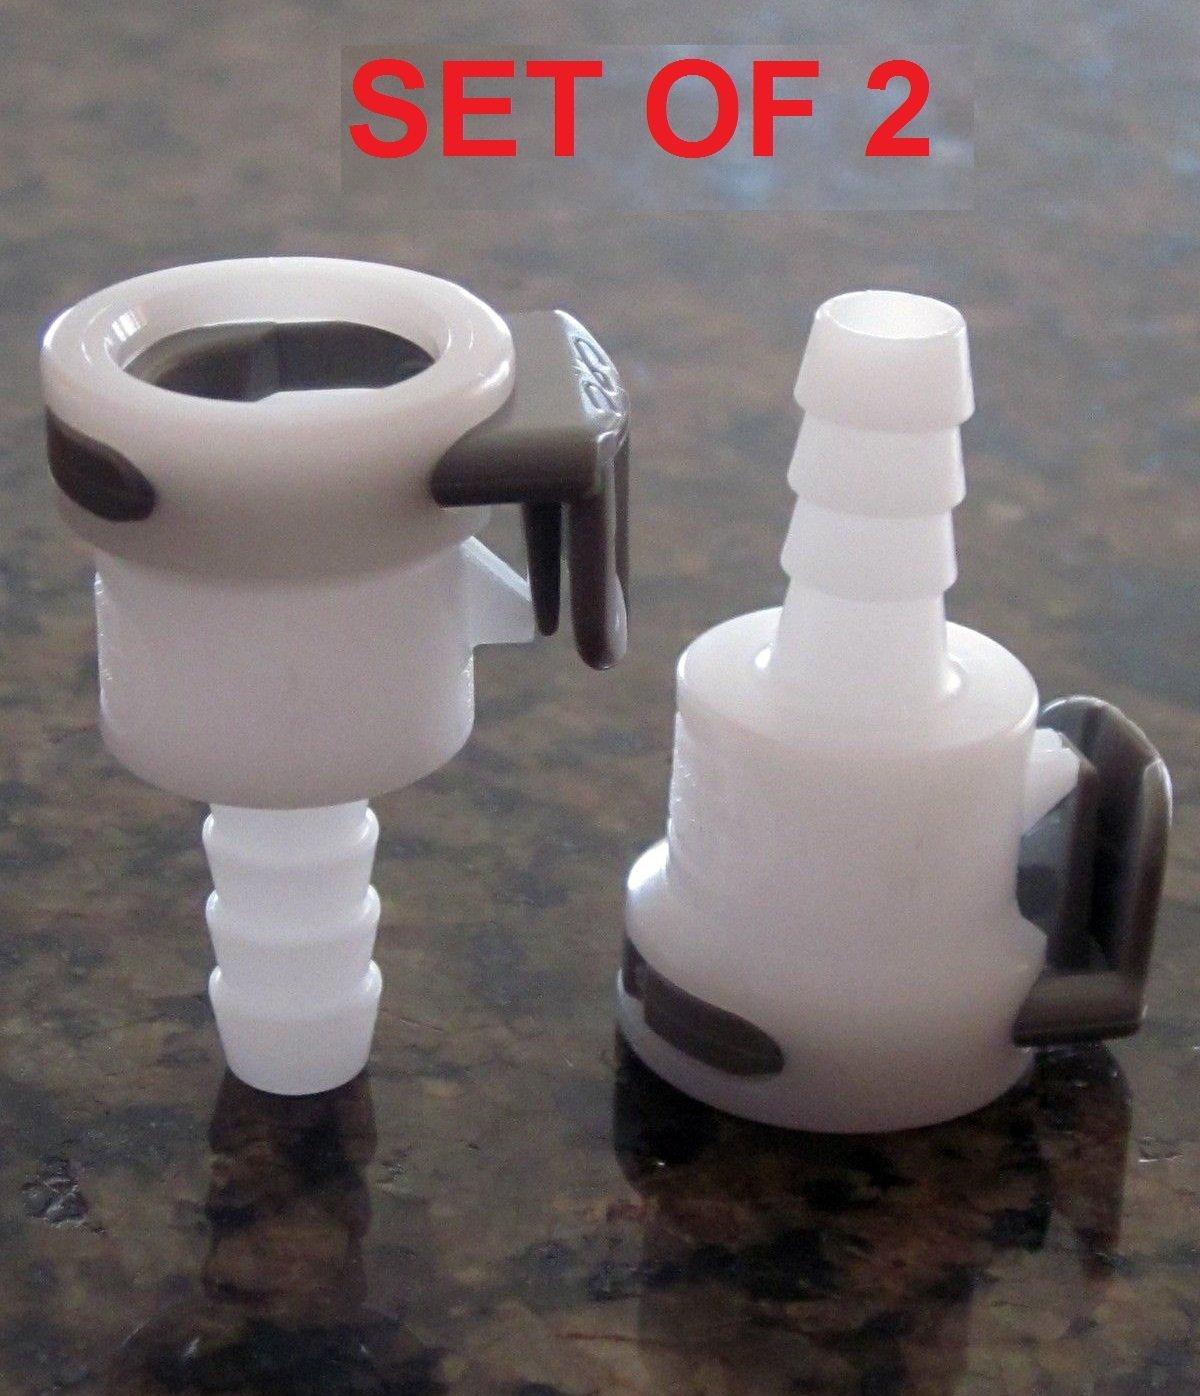 Set of 2 Female Air Bed Parts Connectors Sleep Number Bed Pumps SEE LEAK REPAIR